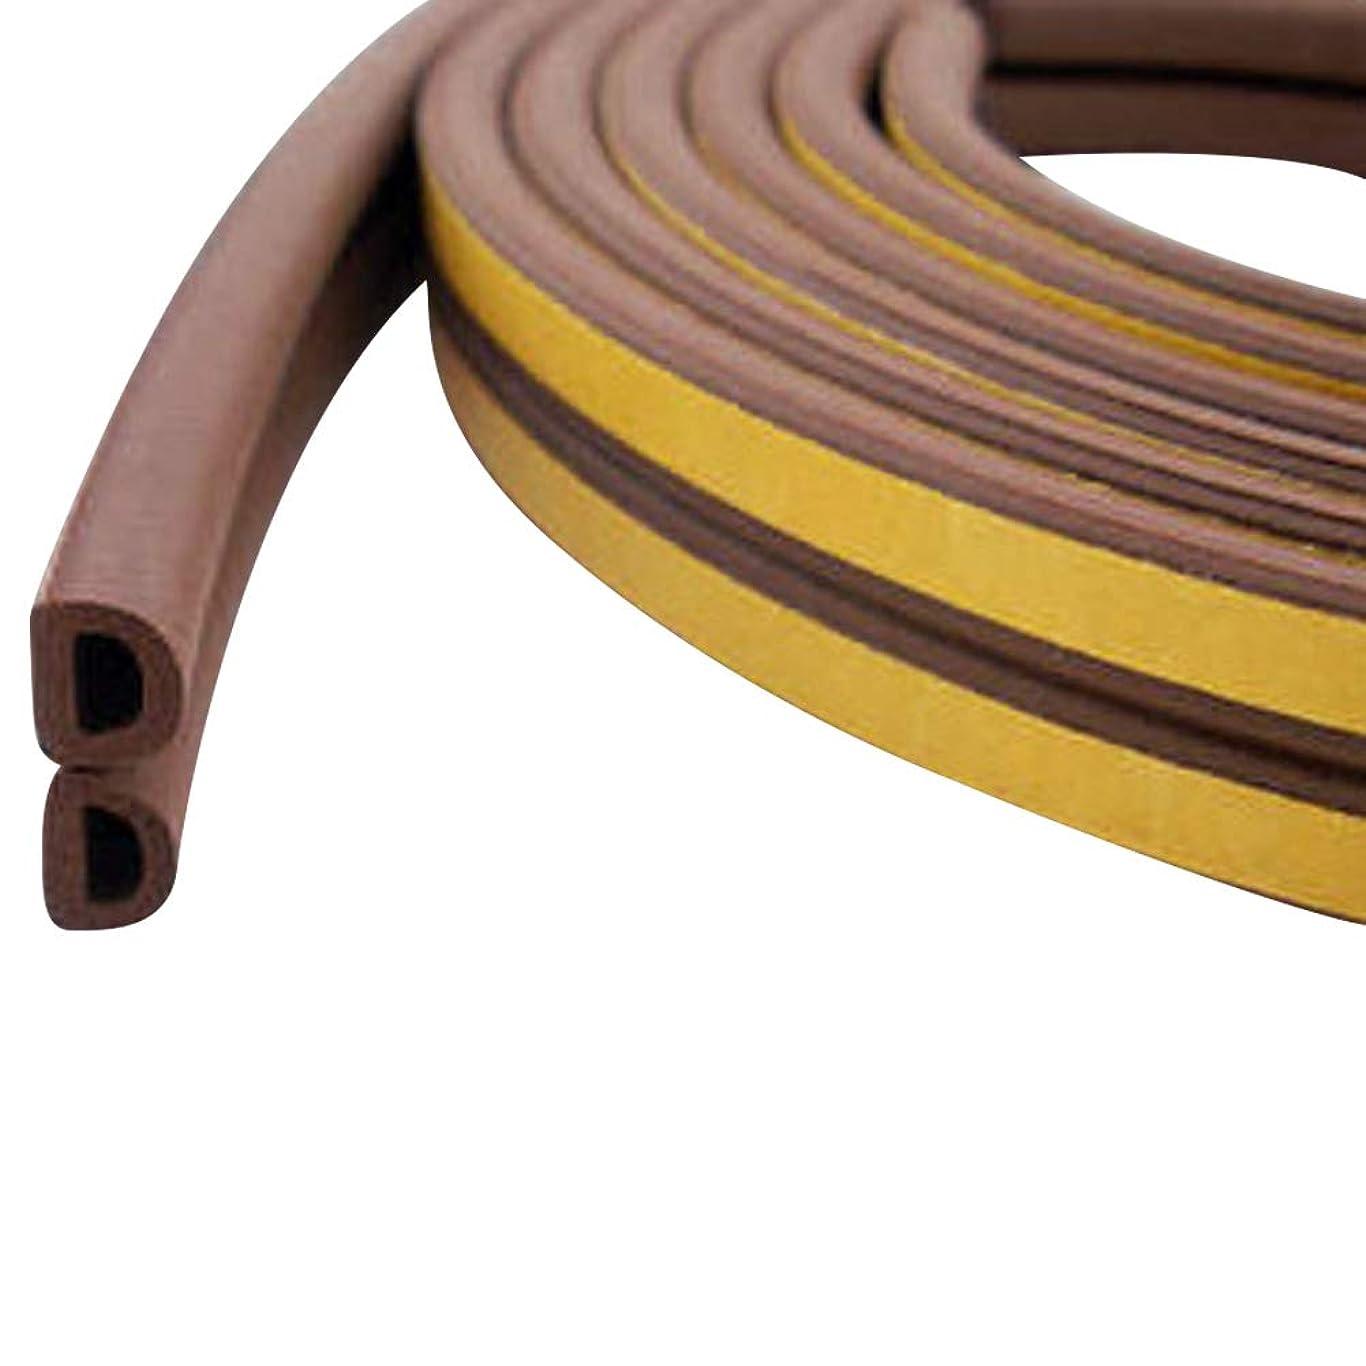 アンテナ明らかに変化するYideaHome 隙間テープ スキ用テープ 隙間風防止 気密 窓 ドア 玄関 強力接着剤 防音 防風 防虫D型 1本入 3色選べる 5M